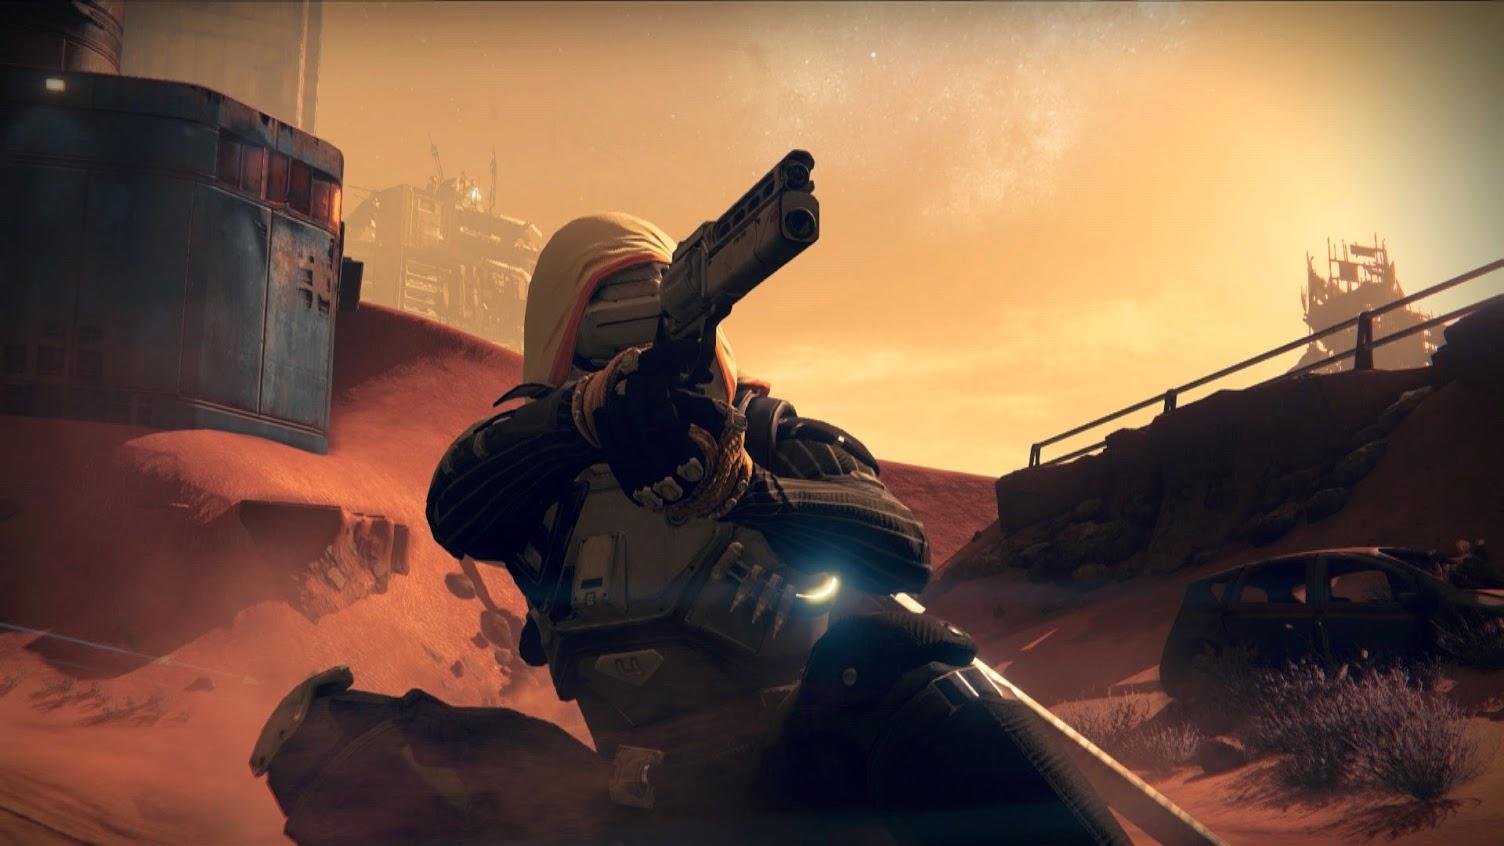 Destiny gewinnt Actionspiel des Jahres, hat 16 Mio Accounts, fesselt drei Stunden täglich